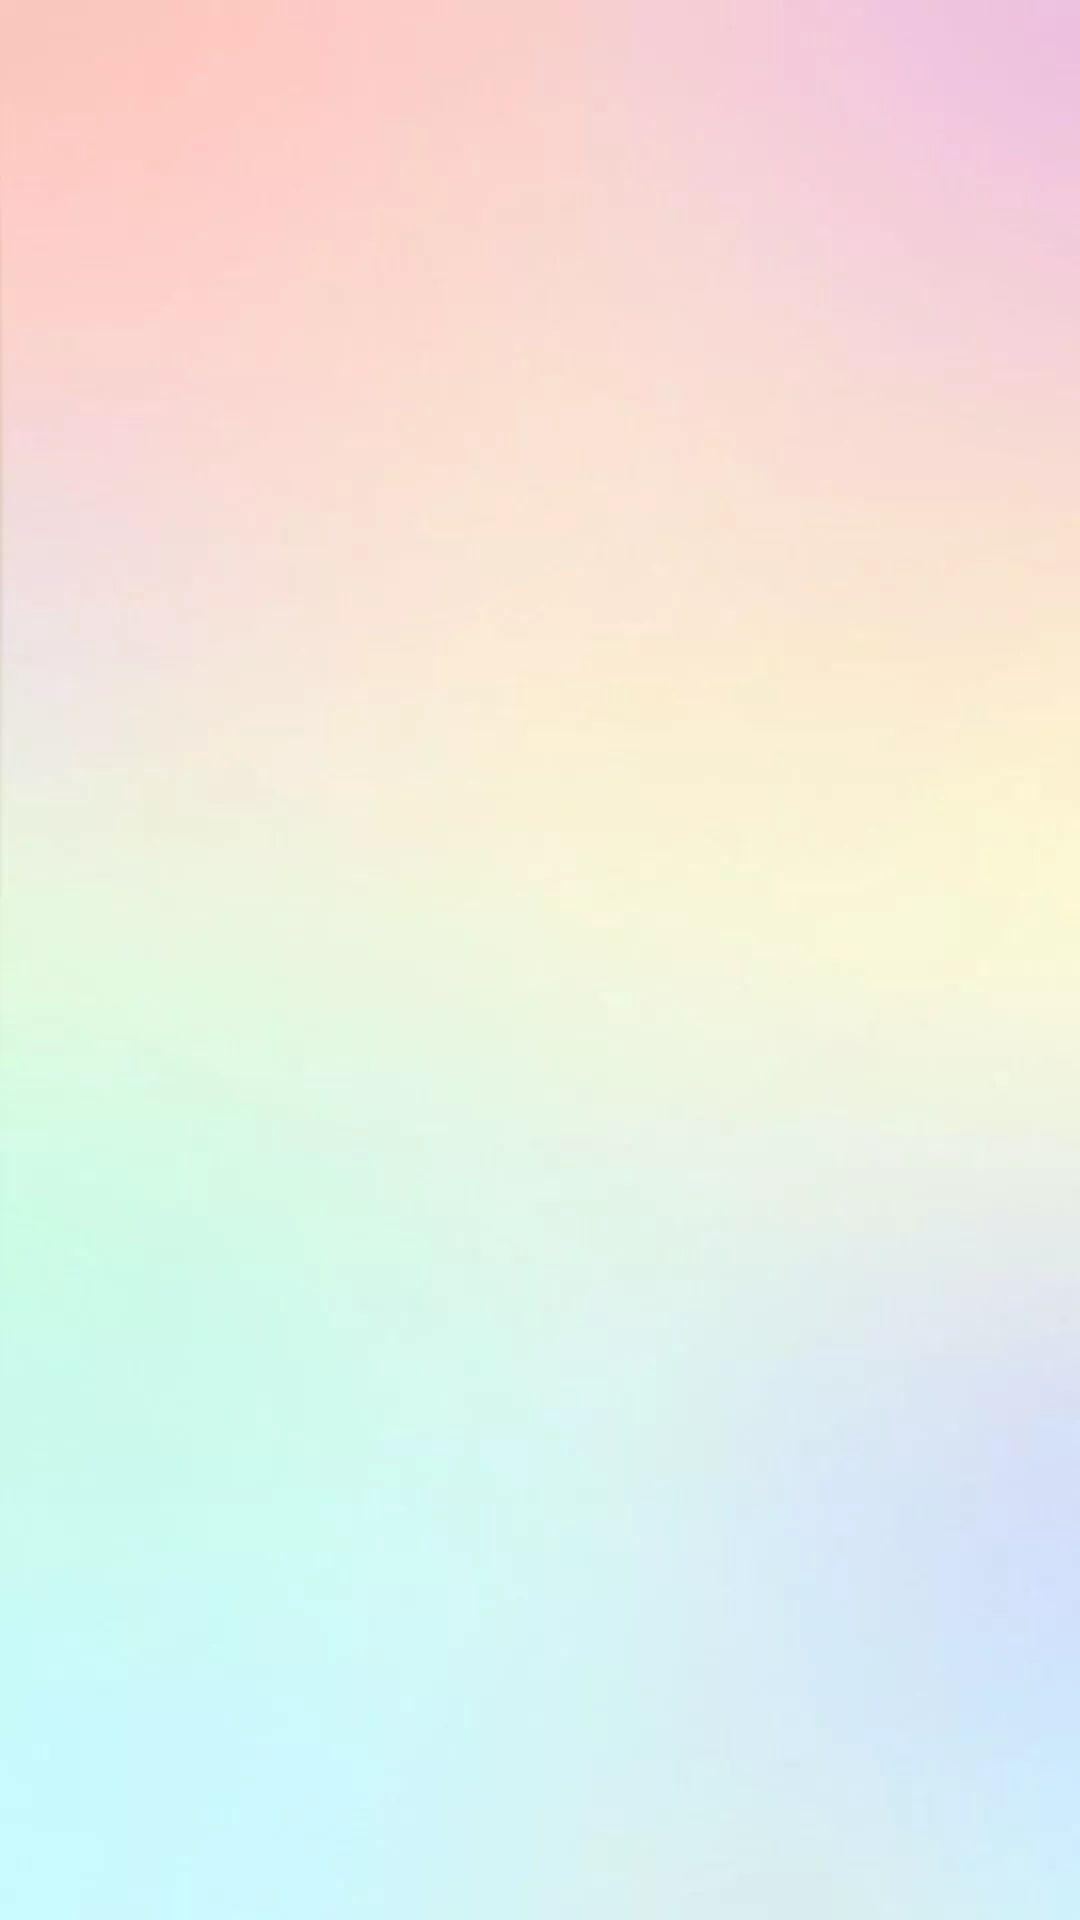 娱乐资讯_50张超唯美的纯色和渐变色手机壁纸!总有你喜欢的颜色! - LEESHARING